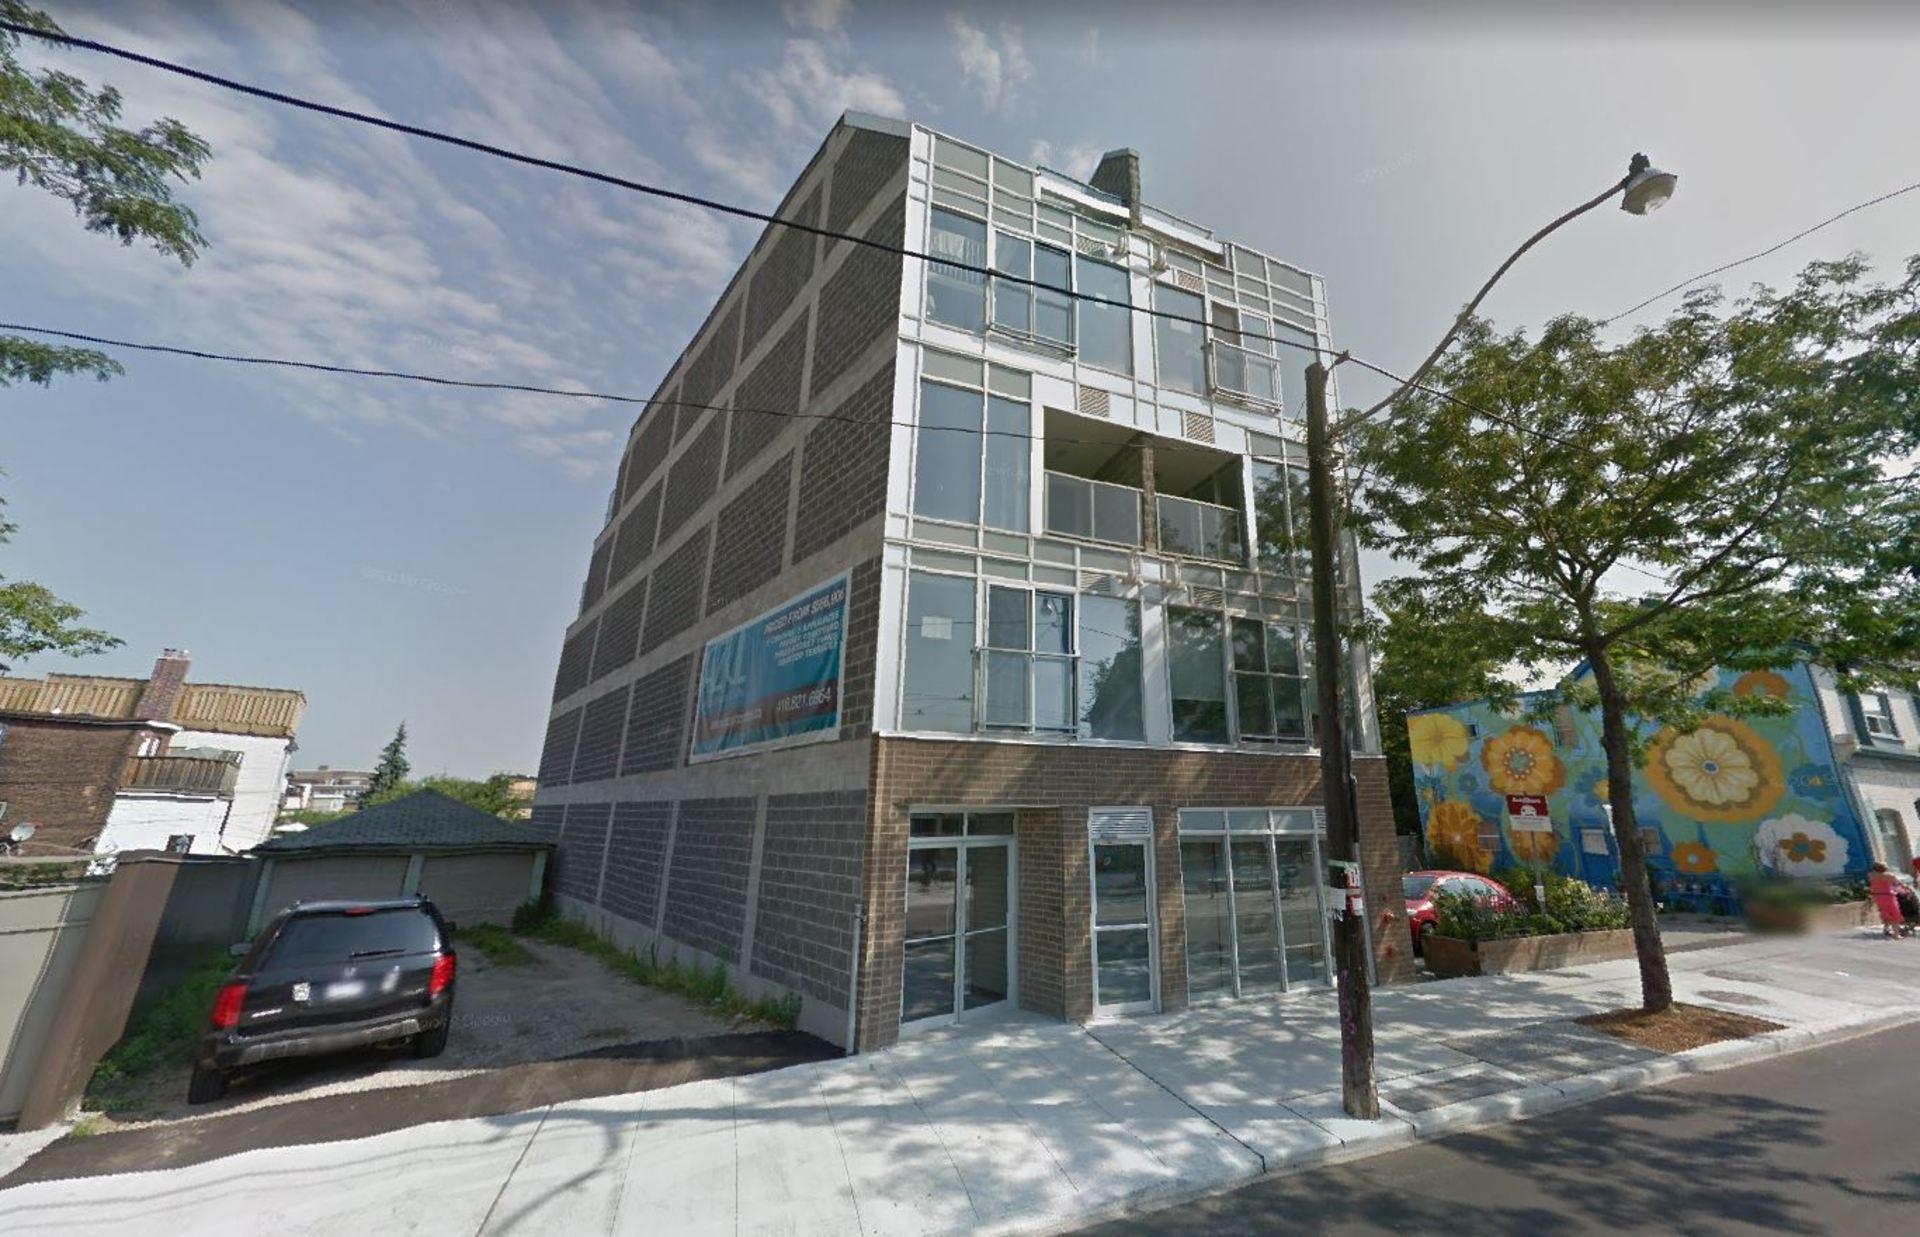 1636 Dundas St W (#U16) Toronto, Ontario - Front View